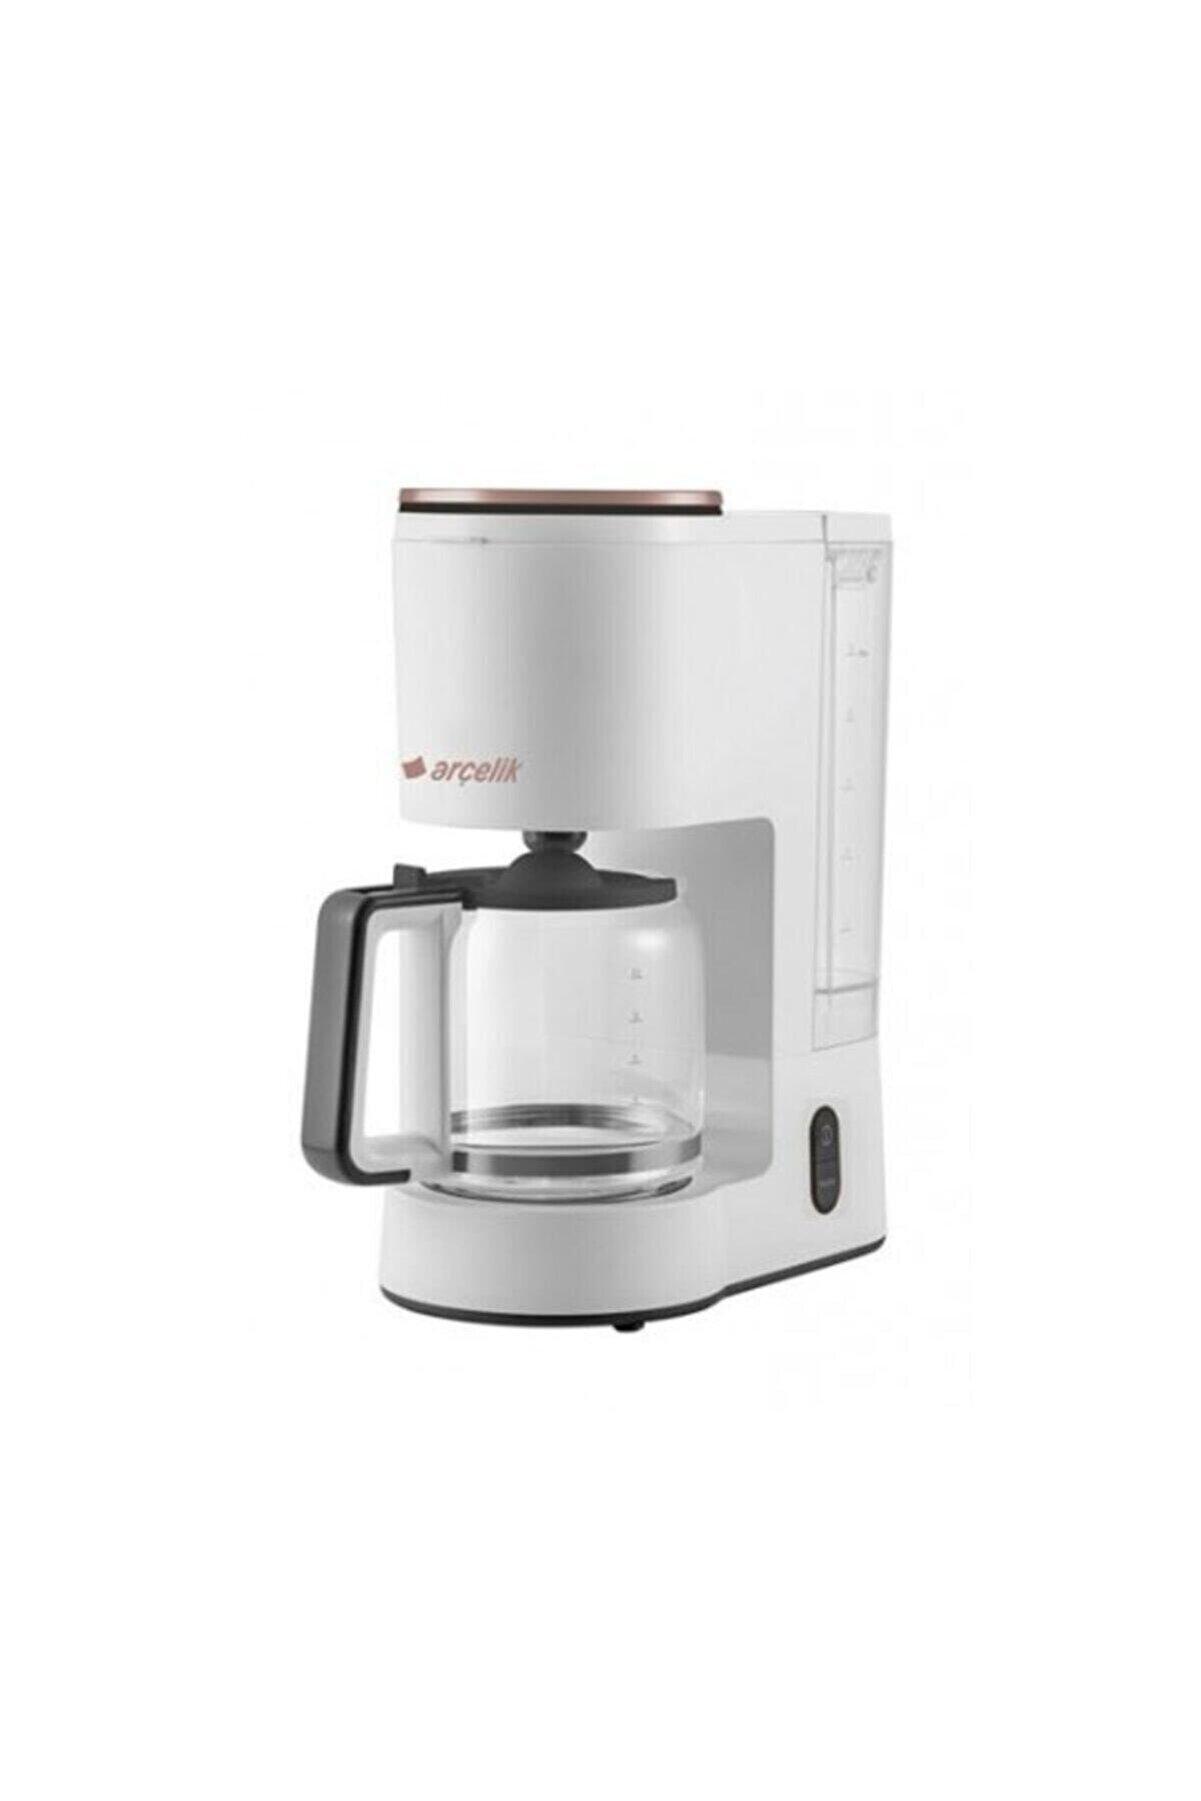 Arçelik Fk 6910 Resital Filtre Kahve Makinesi